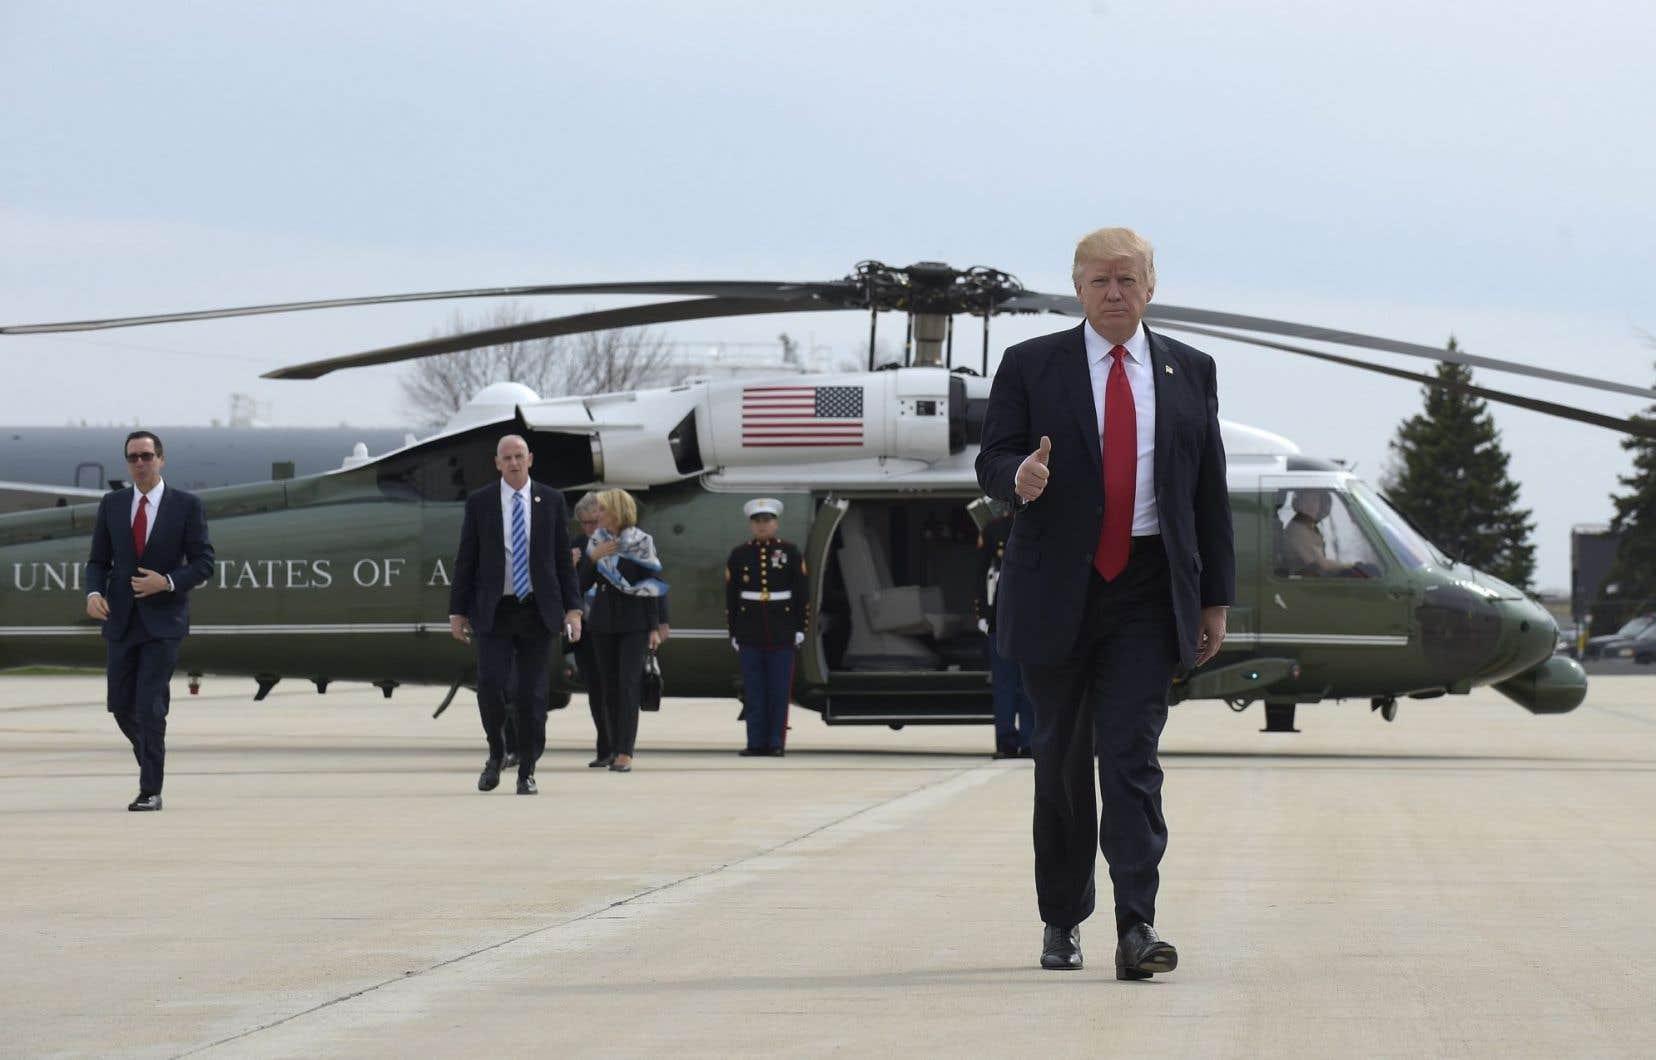 Donald Trump à l'aéroport de Milwaukee, au Wisconsin, mardi, après avoir livré un discoursà Kenosha.